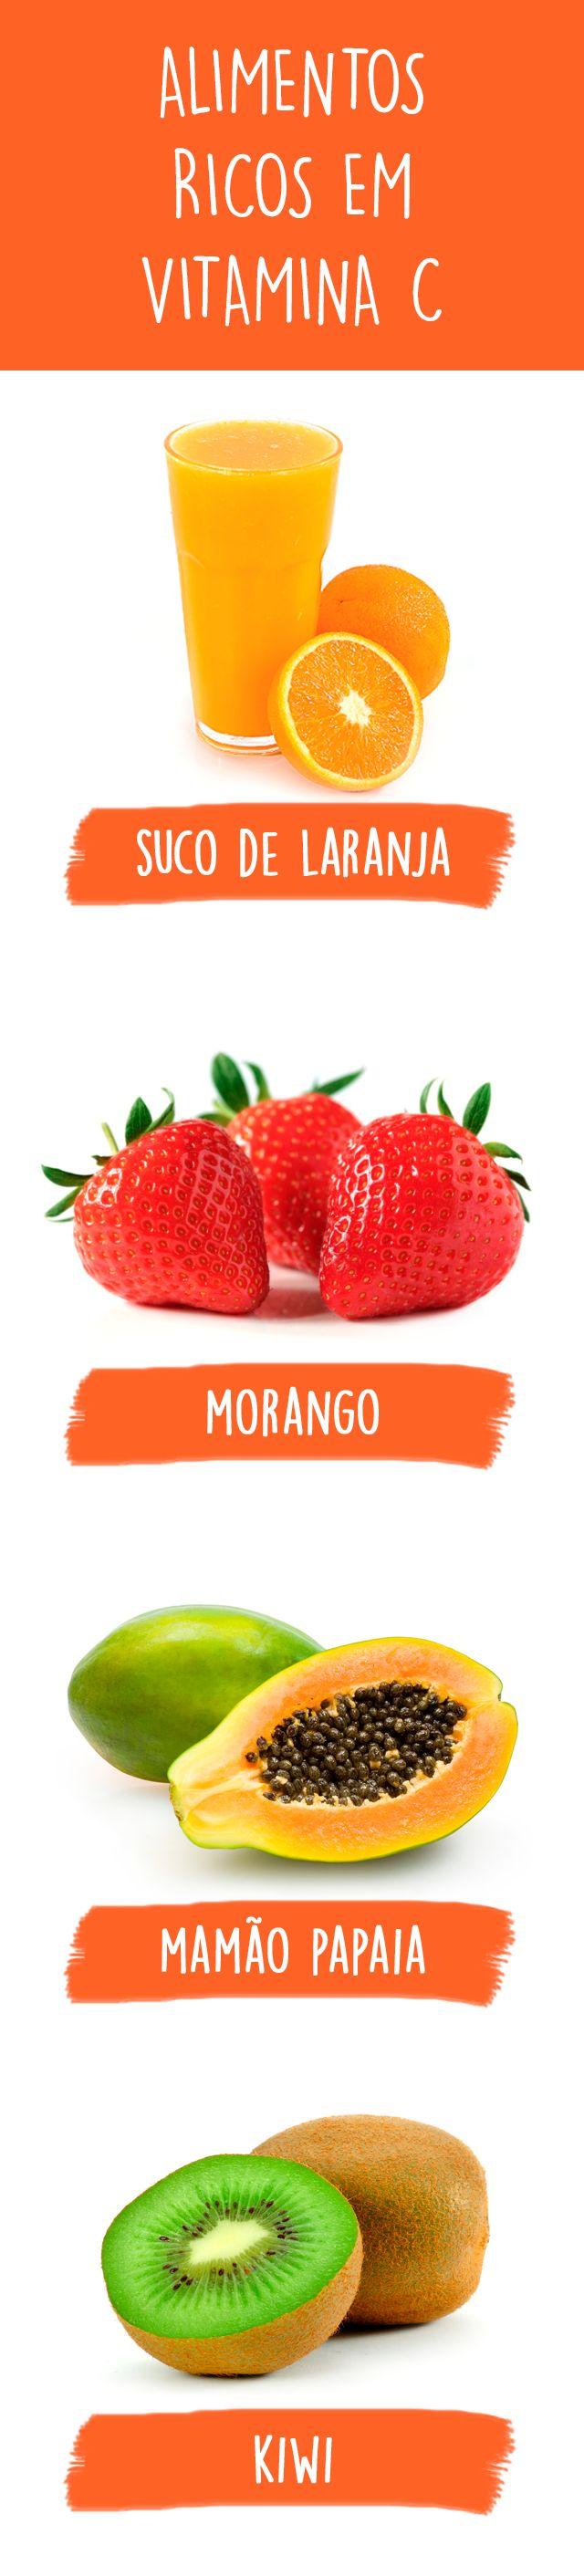 Os alimentos ricos em vitamina C, como morango, laranja e limão, ajudam a fortalecer as defesas naturais do corpo porque contém antioxidantes que combatem os radicais livres que em excesso favorecem a instalação de doenças.